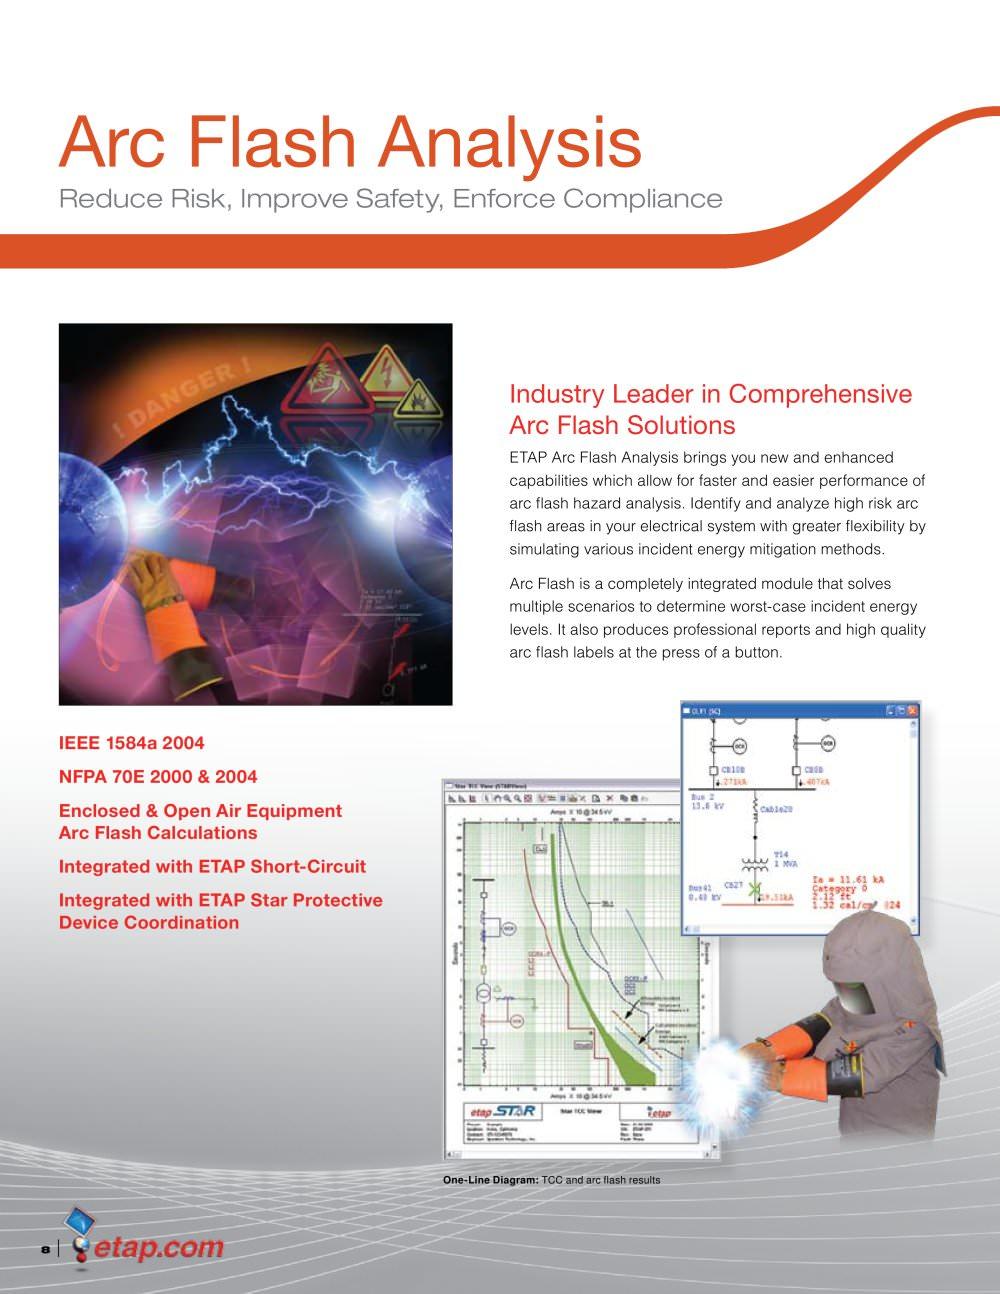 Arc Flash Analysis Brochure Etap Pdf Catalogs Technical Shortcircuit 1 4 Pages